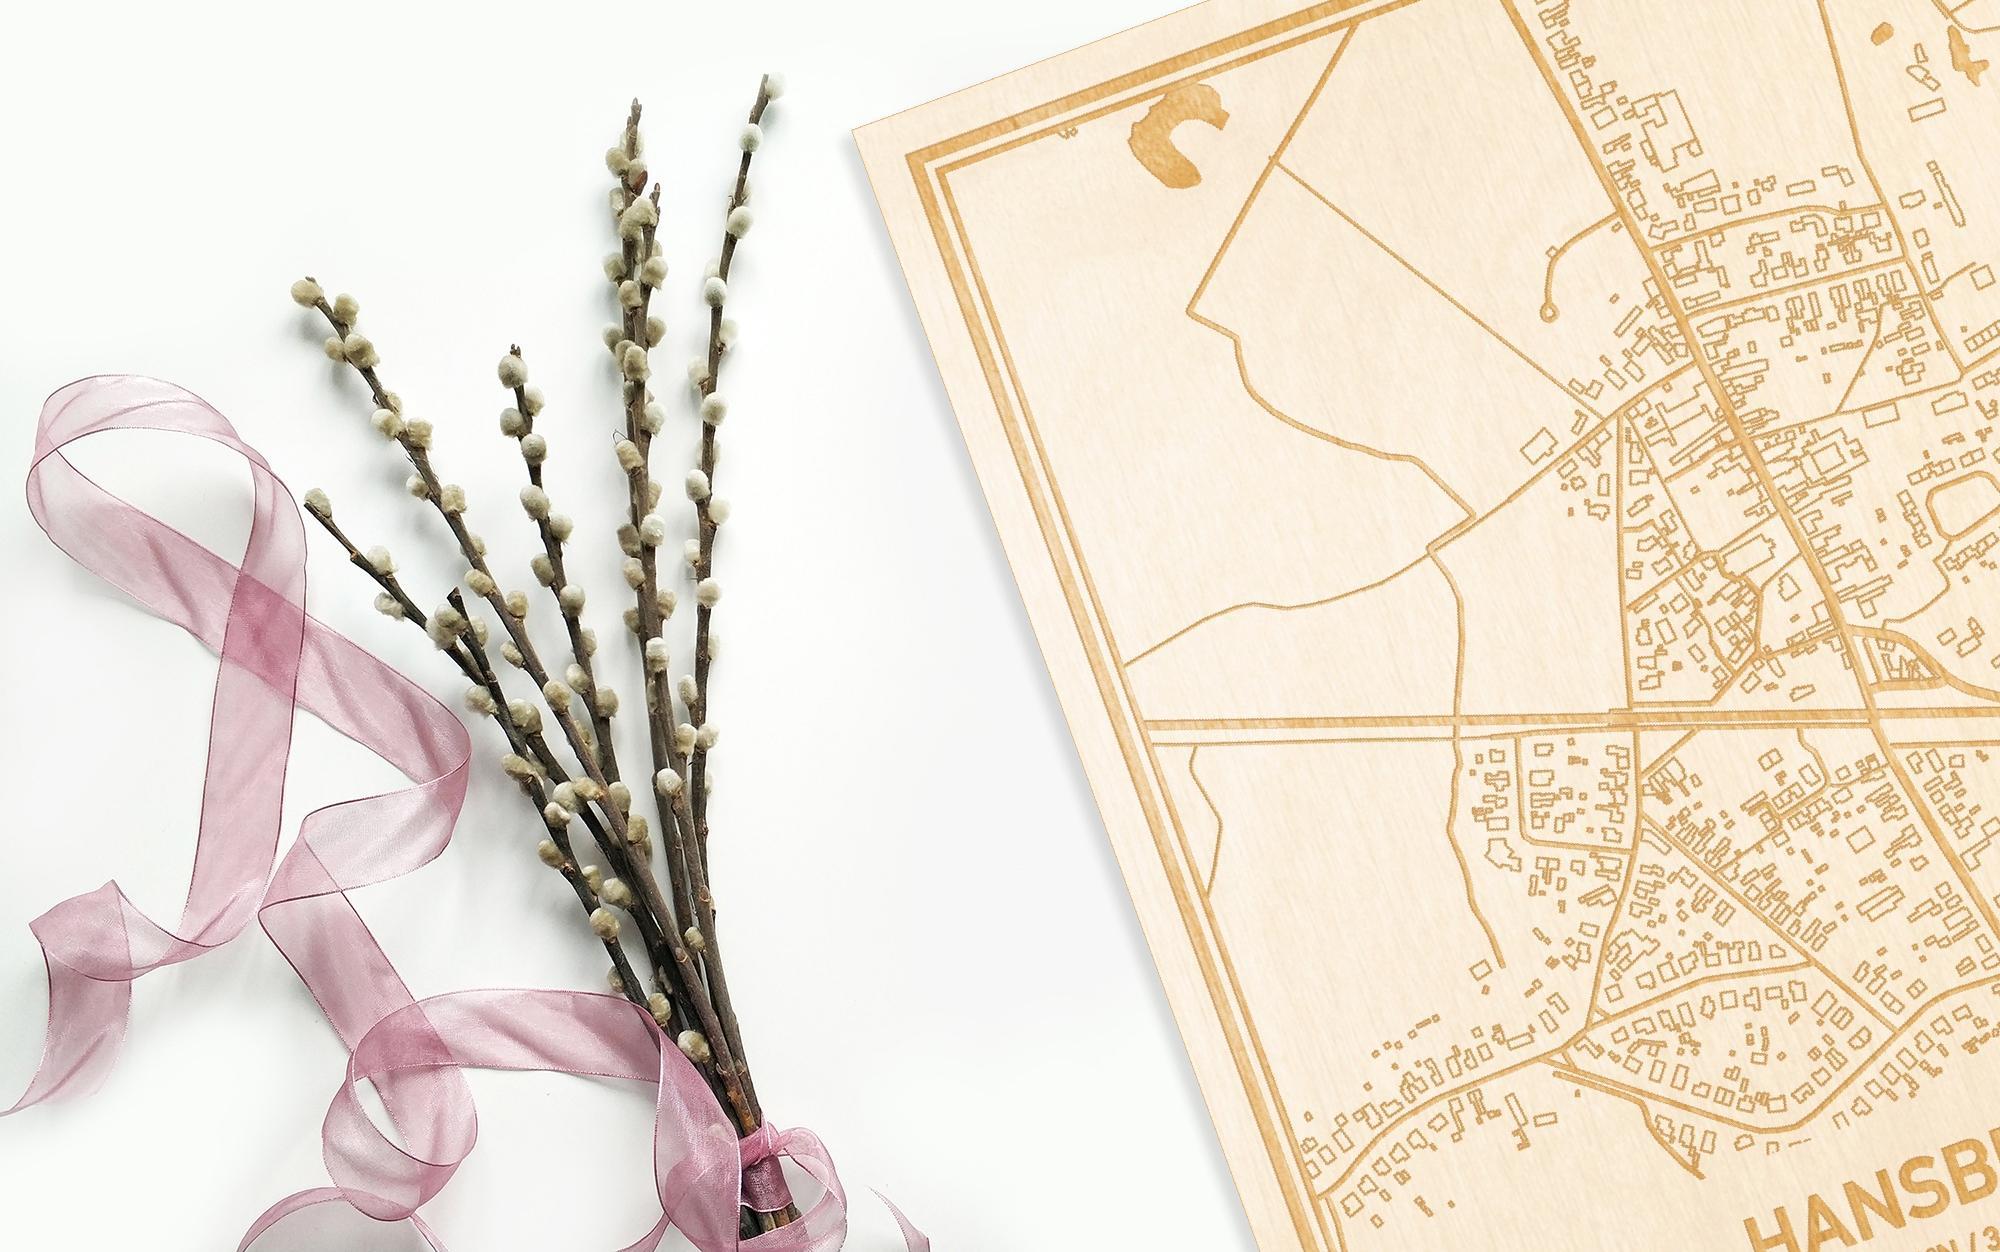 Hier ligt de houten plattegrond Hansbeke naast een bloemetje als gepersonaliseerd cadeau voor haar.